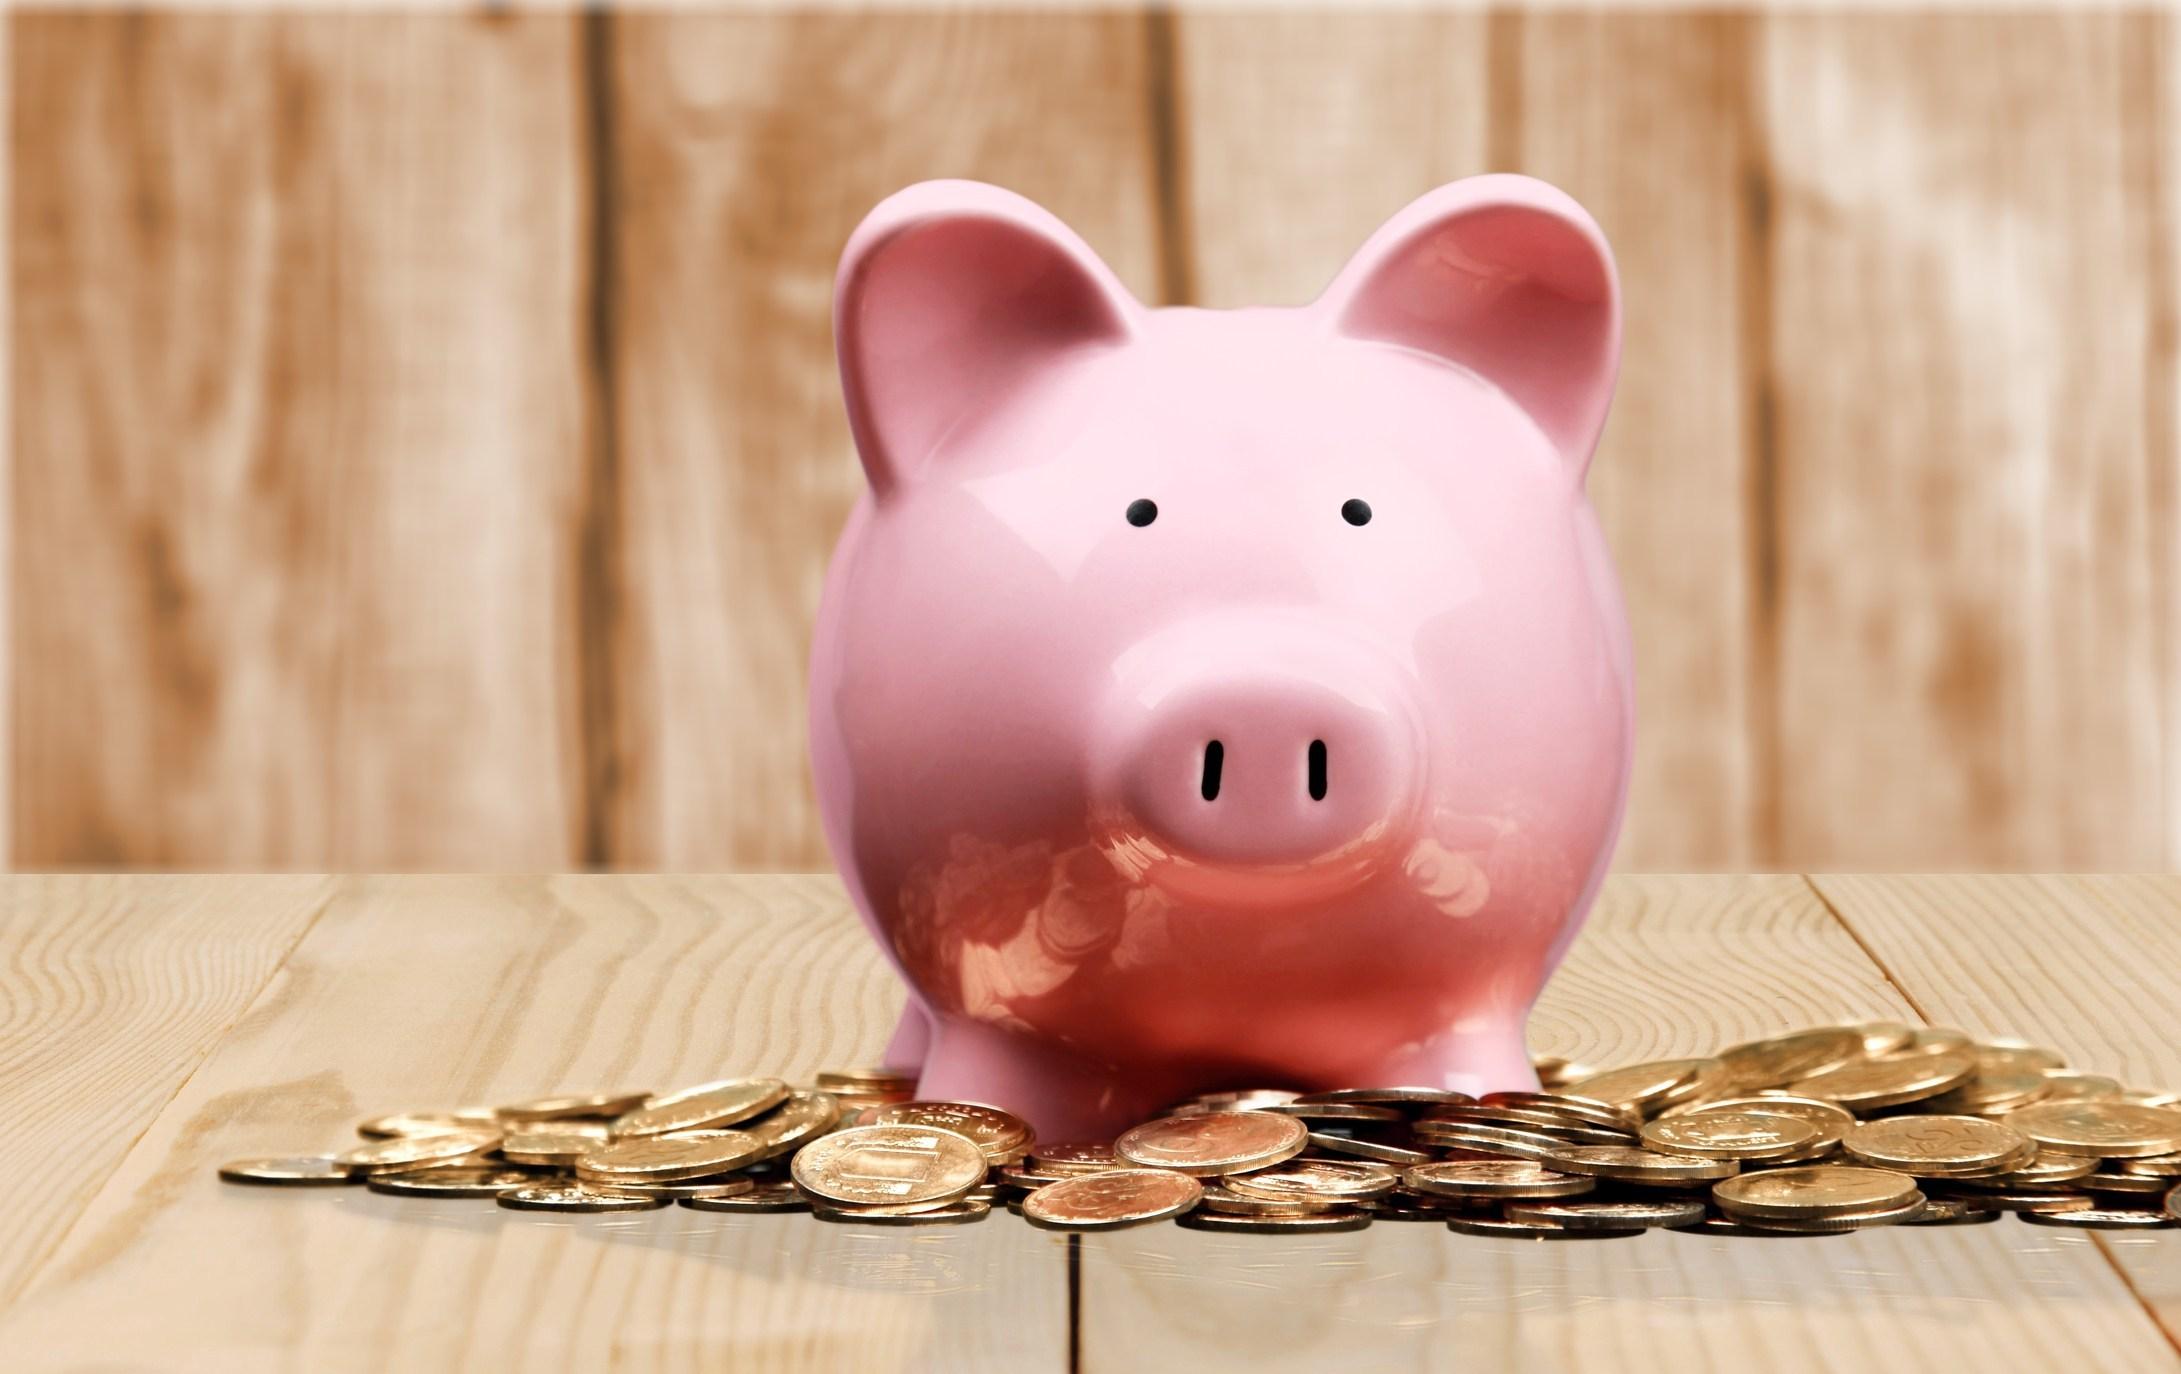 Caução das rendas: guia completo para evitar dores de cabeça para senhorios e inquilinos